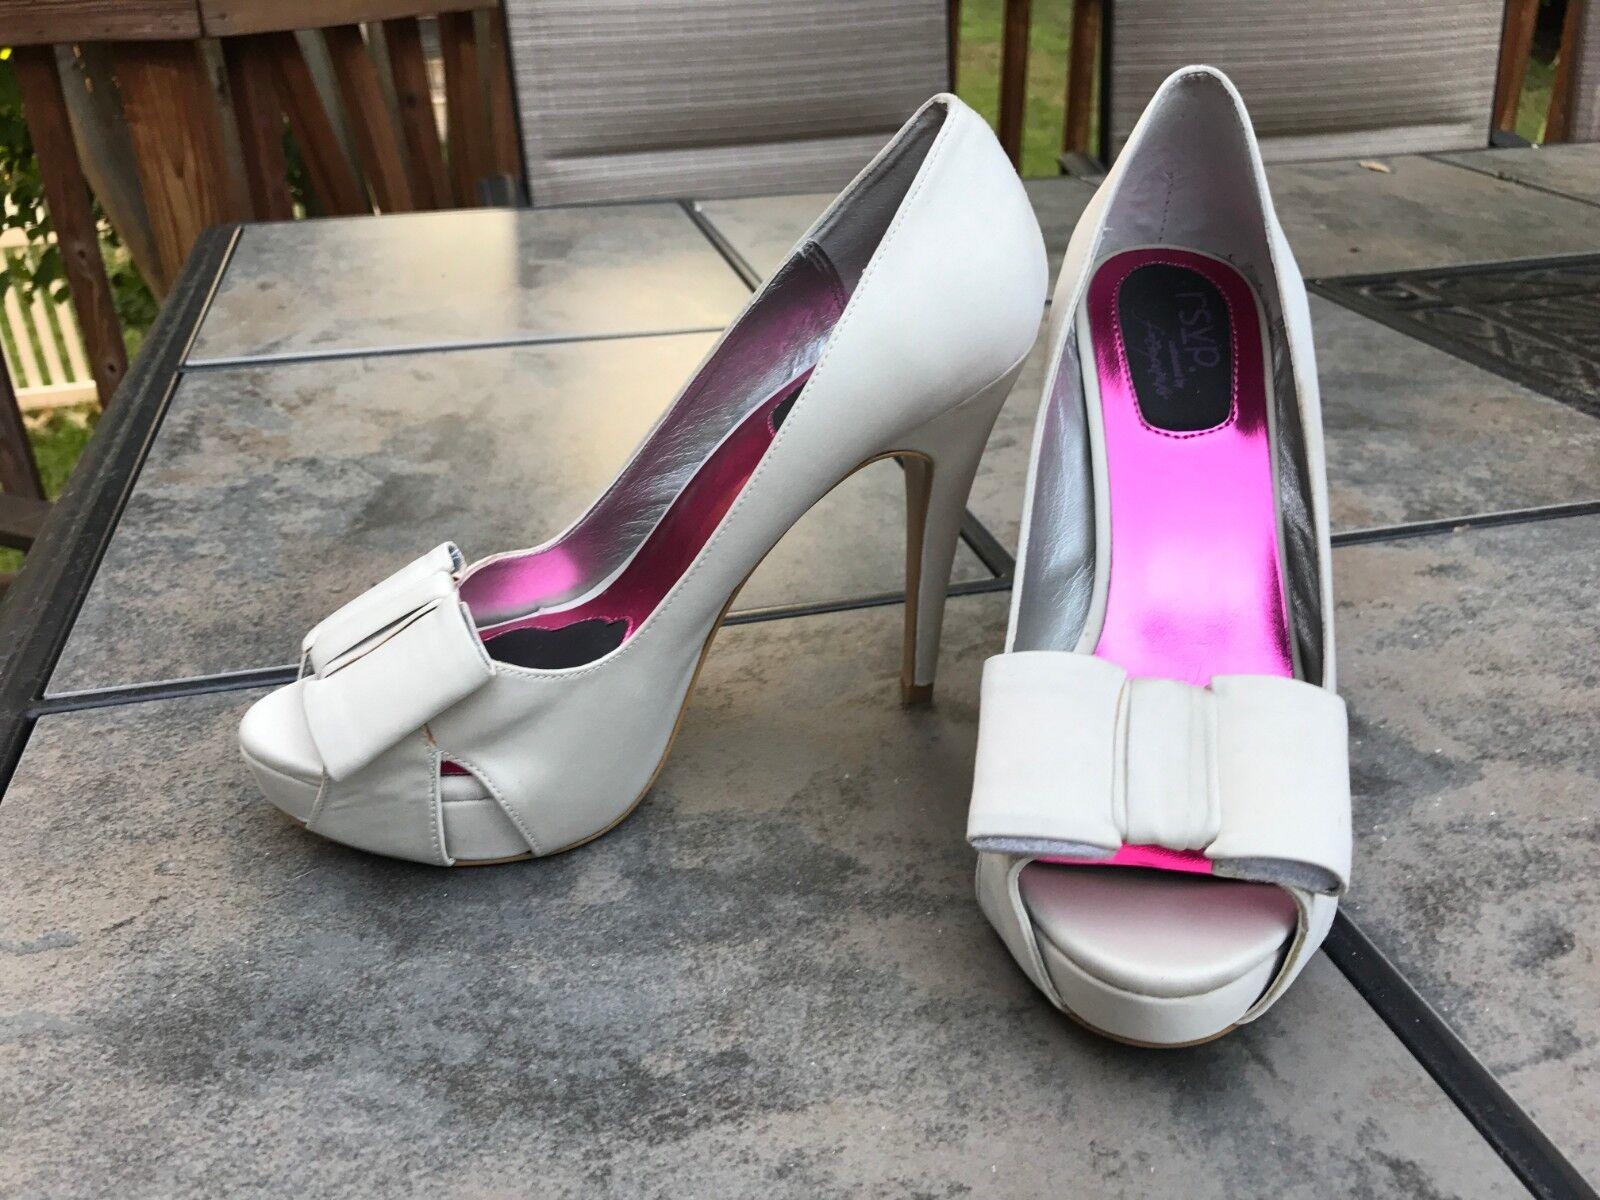 Donna Vero Cudio, bianca & Pink  Stiletto heels, 6M USA size Great condition